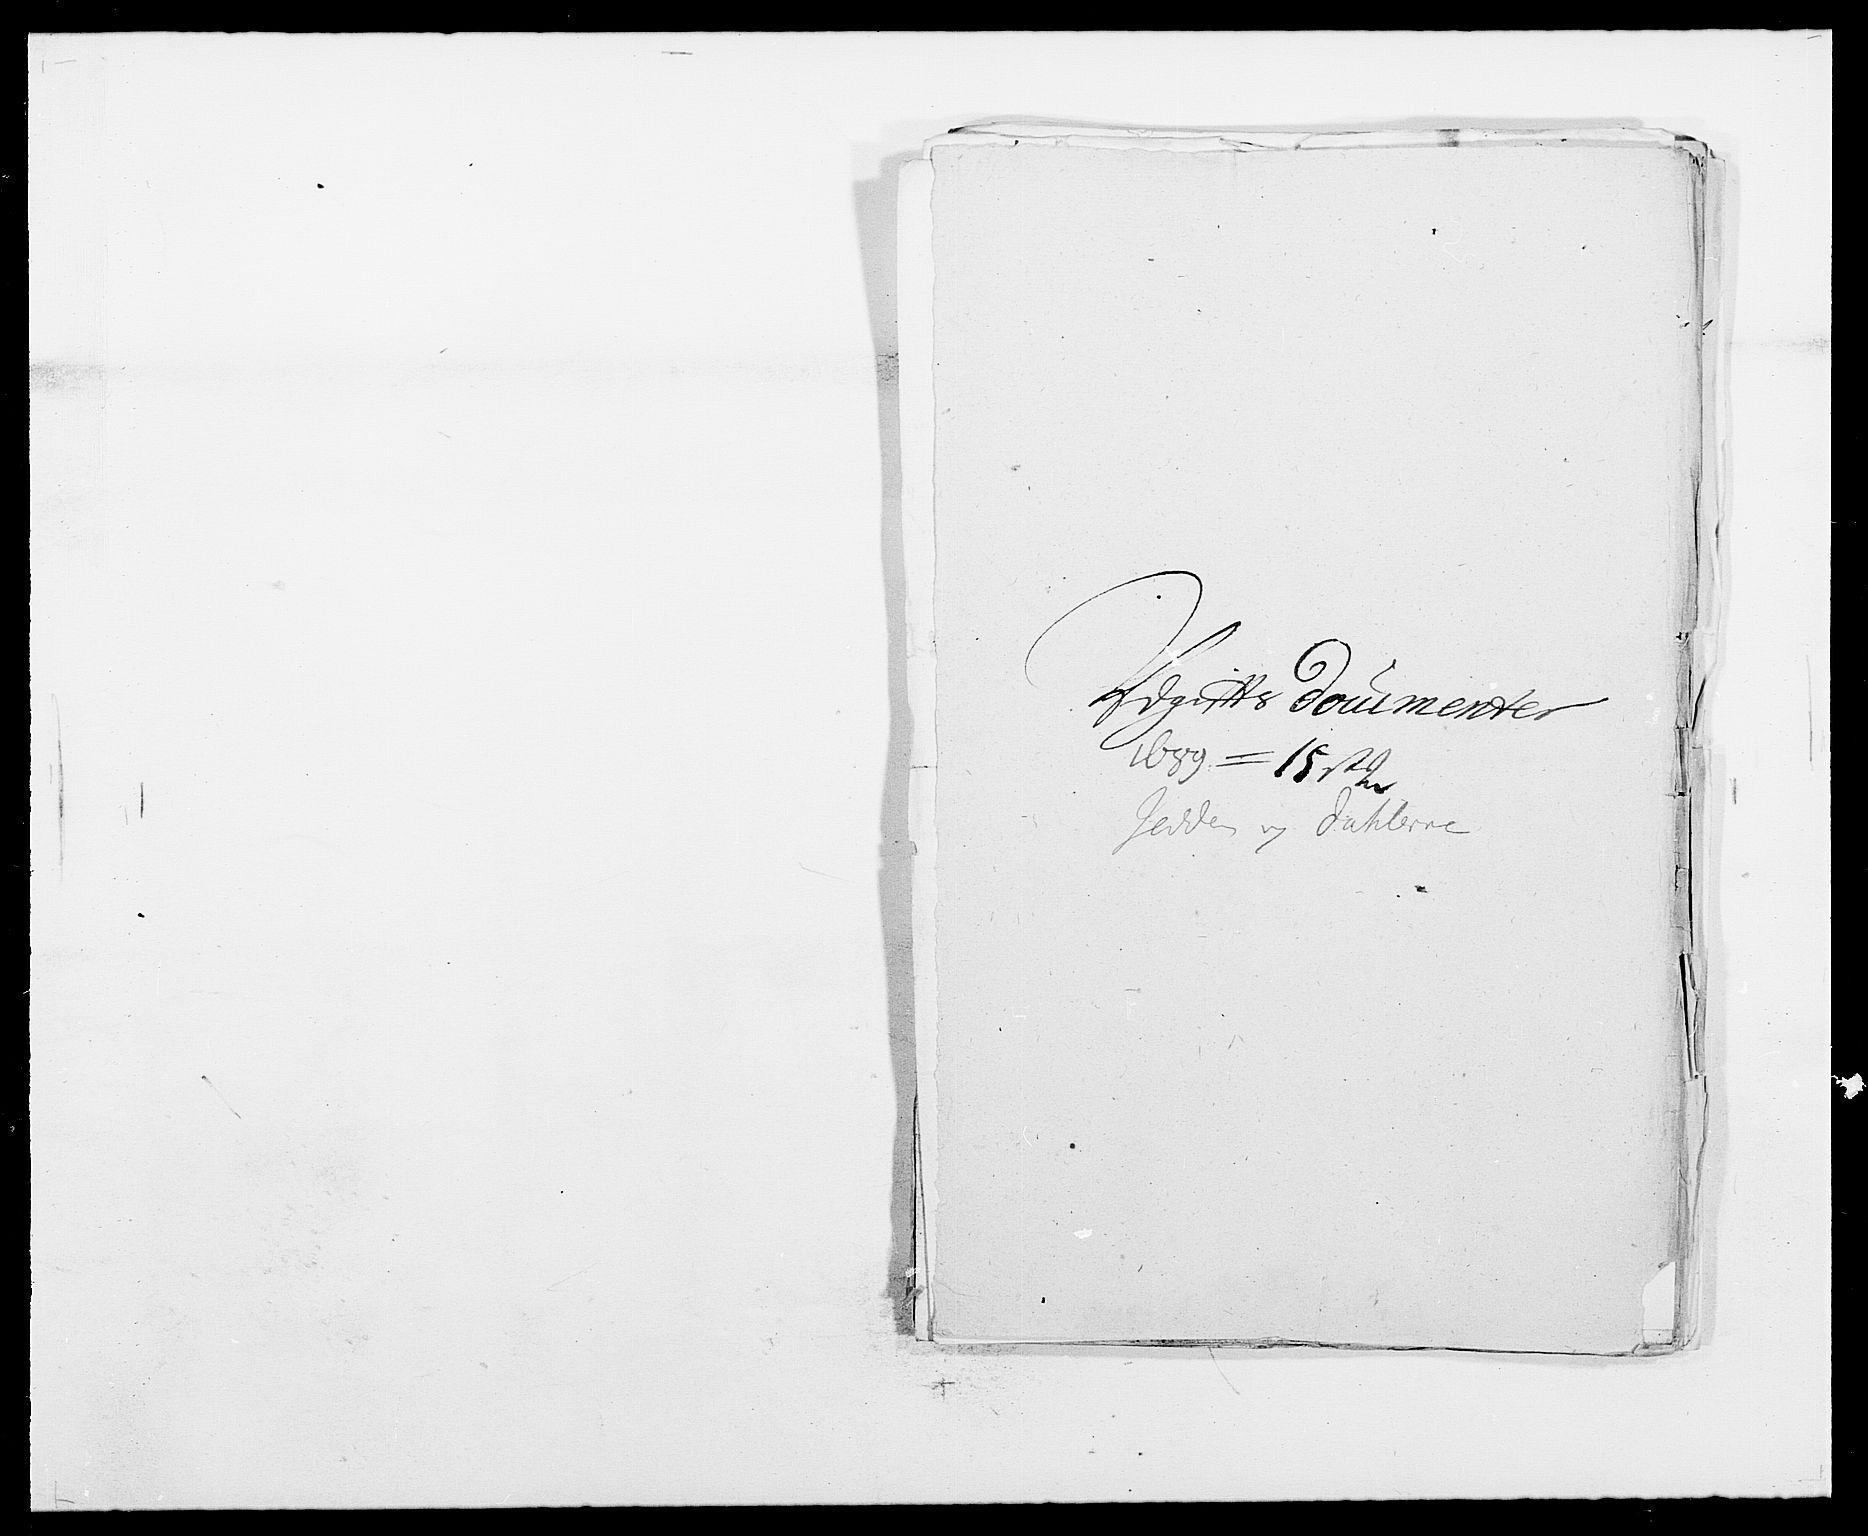 RA, Rentekammeret inntil 1814, Reviderte regnskaper, Fogderegnskap, R46/L2726: Fogderegnskap Jæren og Dalane, 1686-1689, s. 362